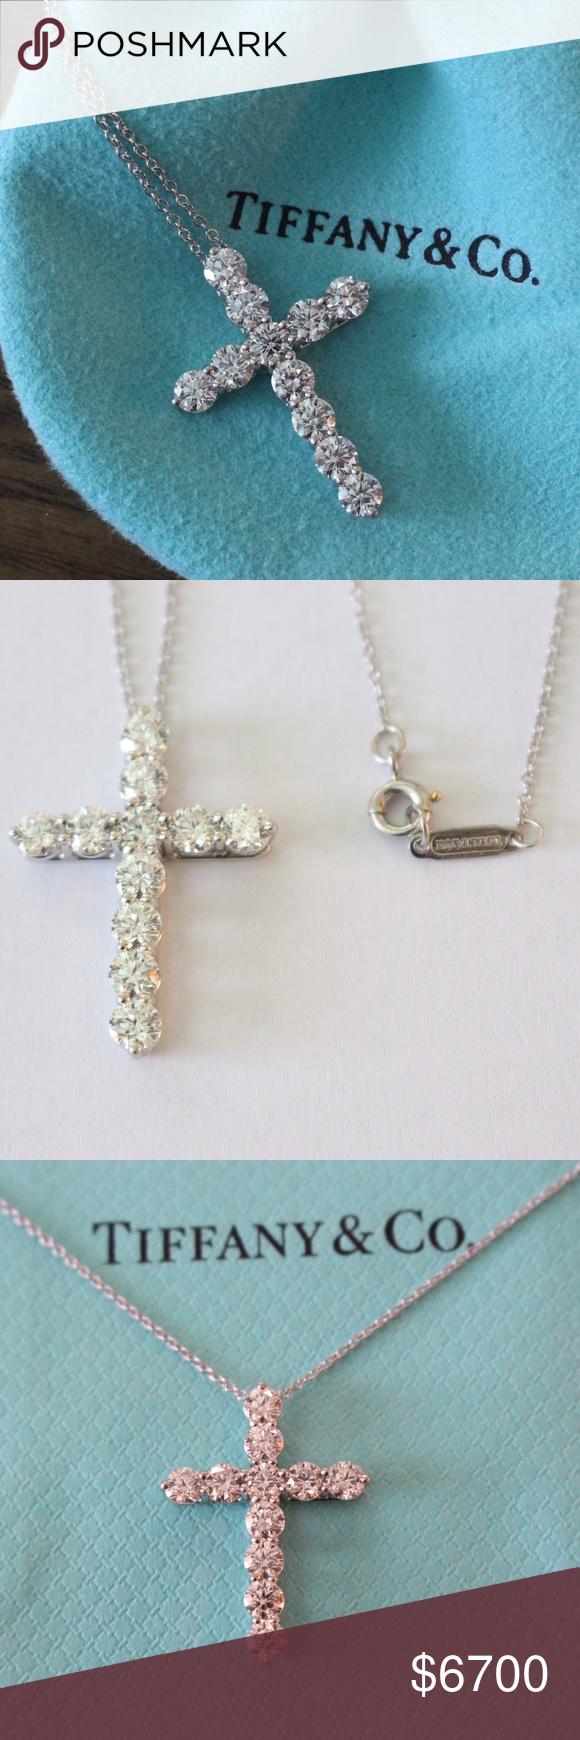 Tiffany co large diamond cross 171 ct pt950 tiffany co tiffany co large diamond cross 171 ct pt950 tiffany co diamond necklace large mozeypictures Choice Image